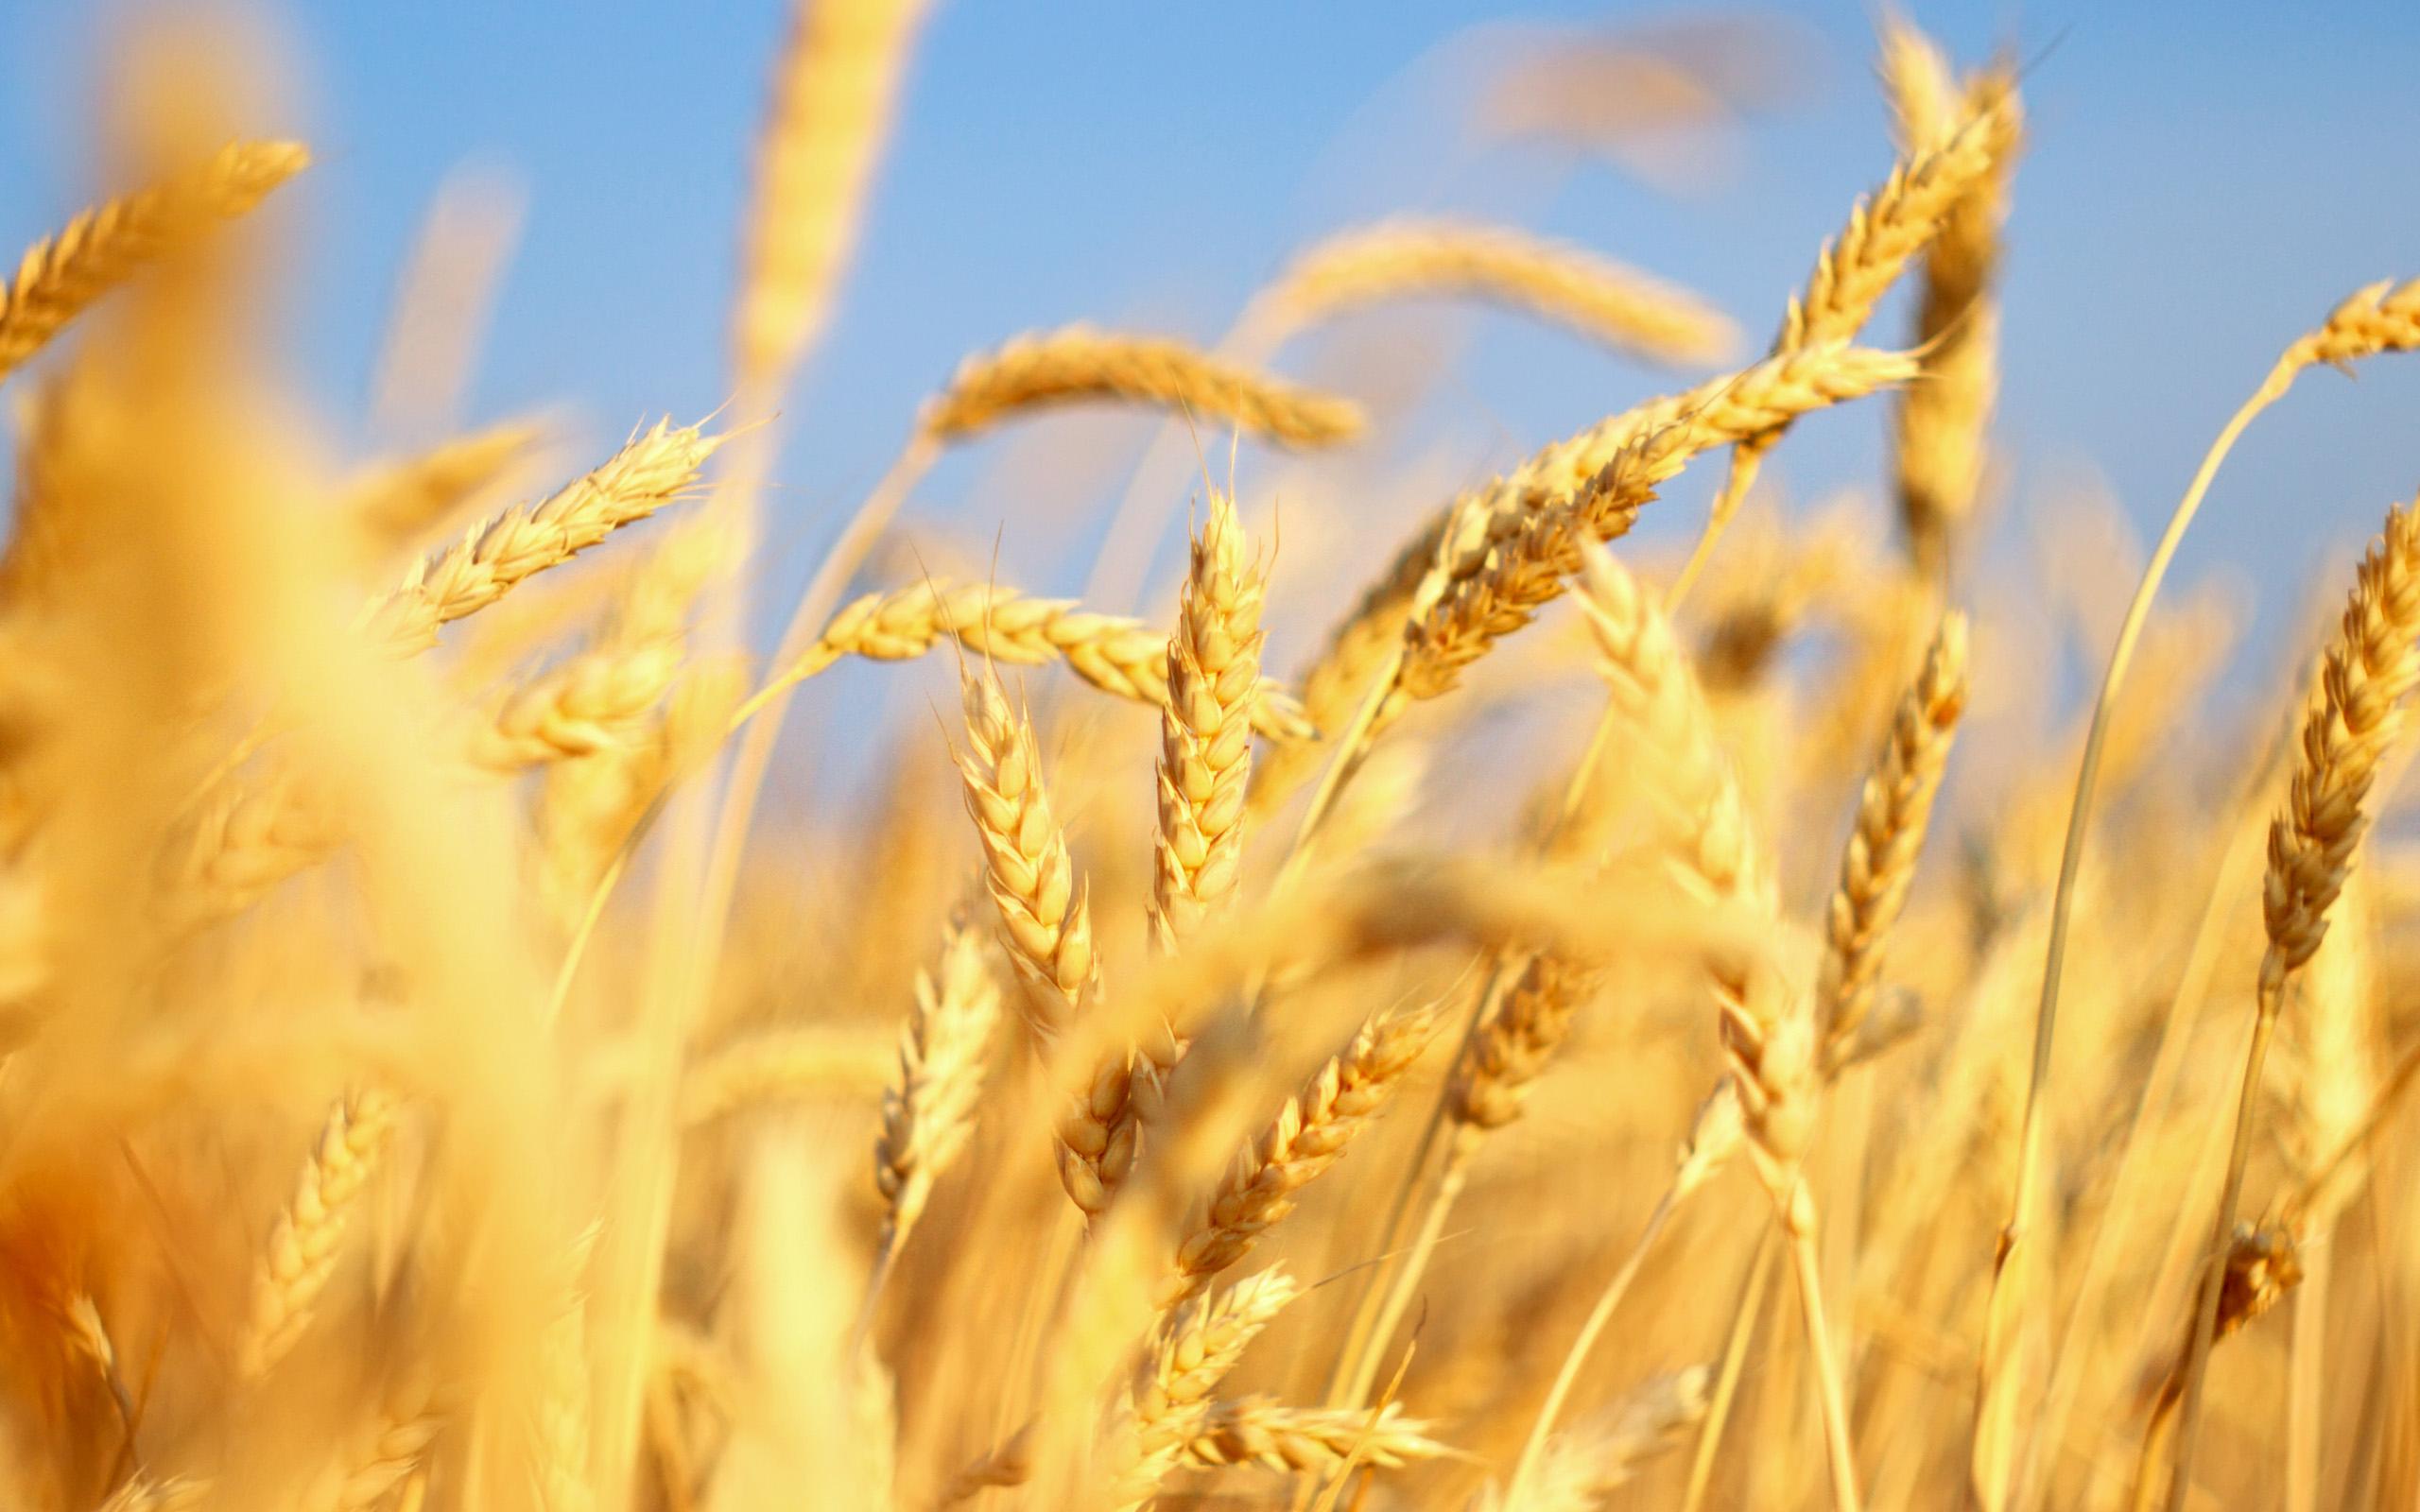 Fall Harvest Desktop Wallpaper Weizen Full Hd Wallpaper And Hintergrund 2560x1600 Id